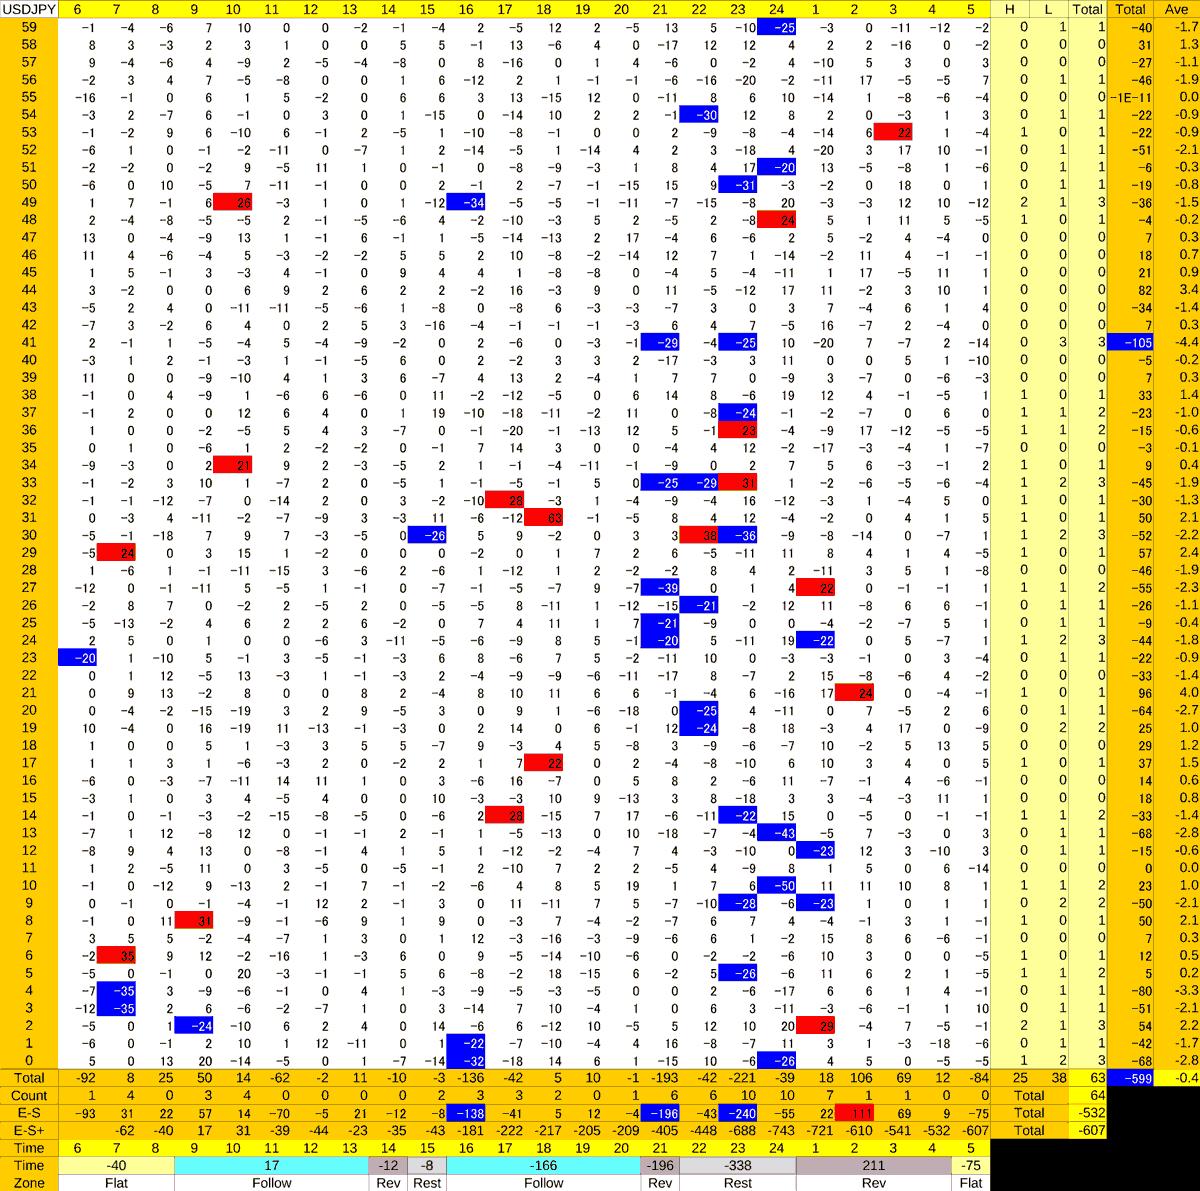 20201203_HS(1)USDJPY